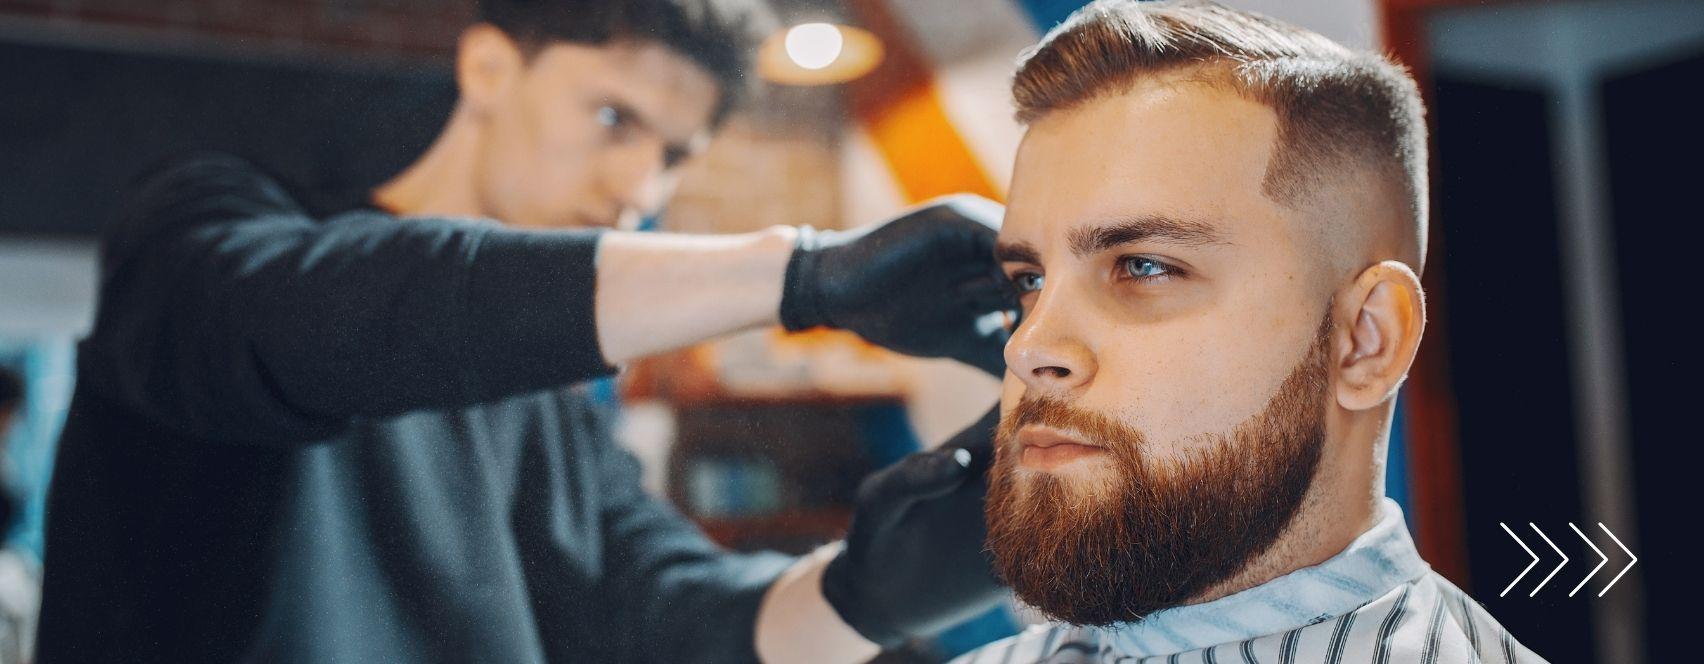 Barberstore kosmetyki męskie do włosów